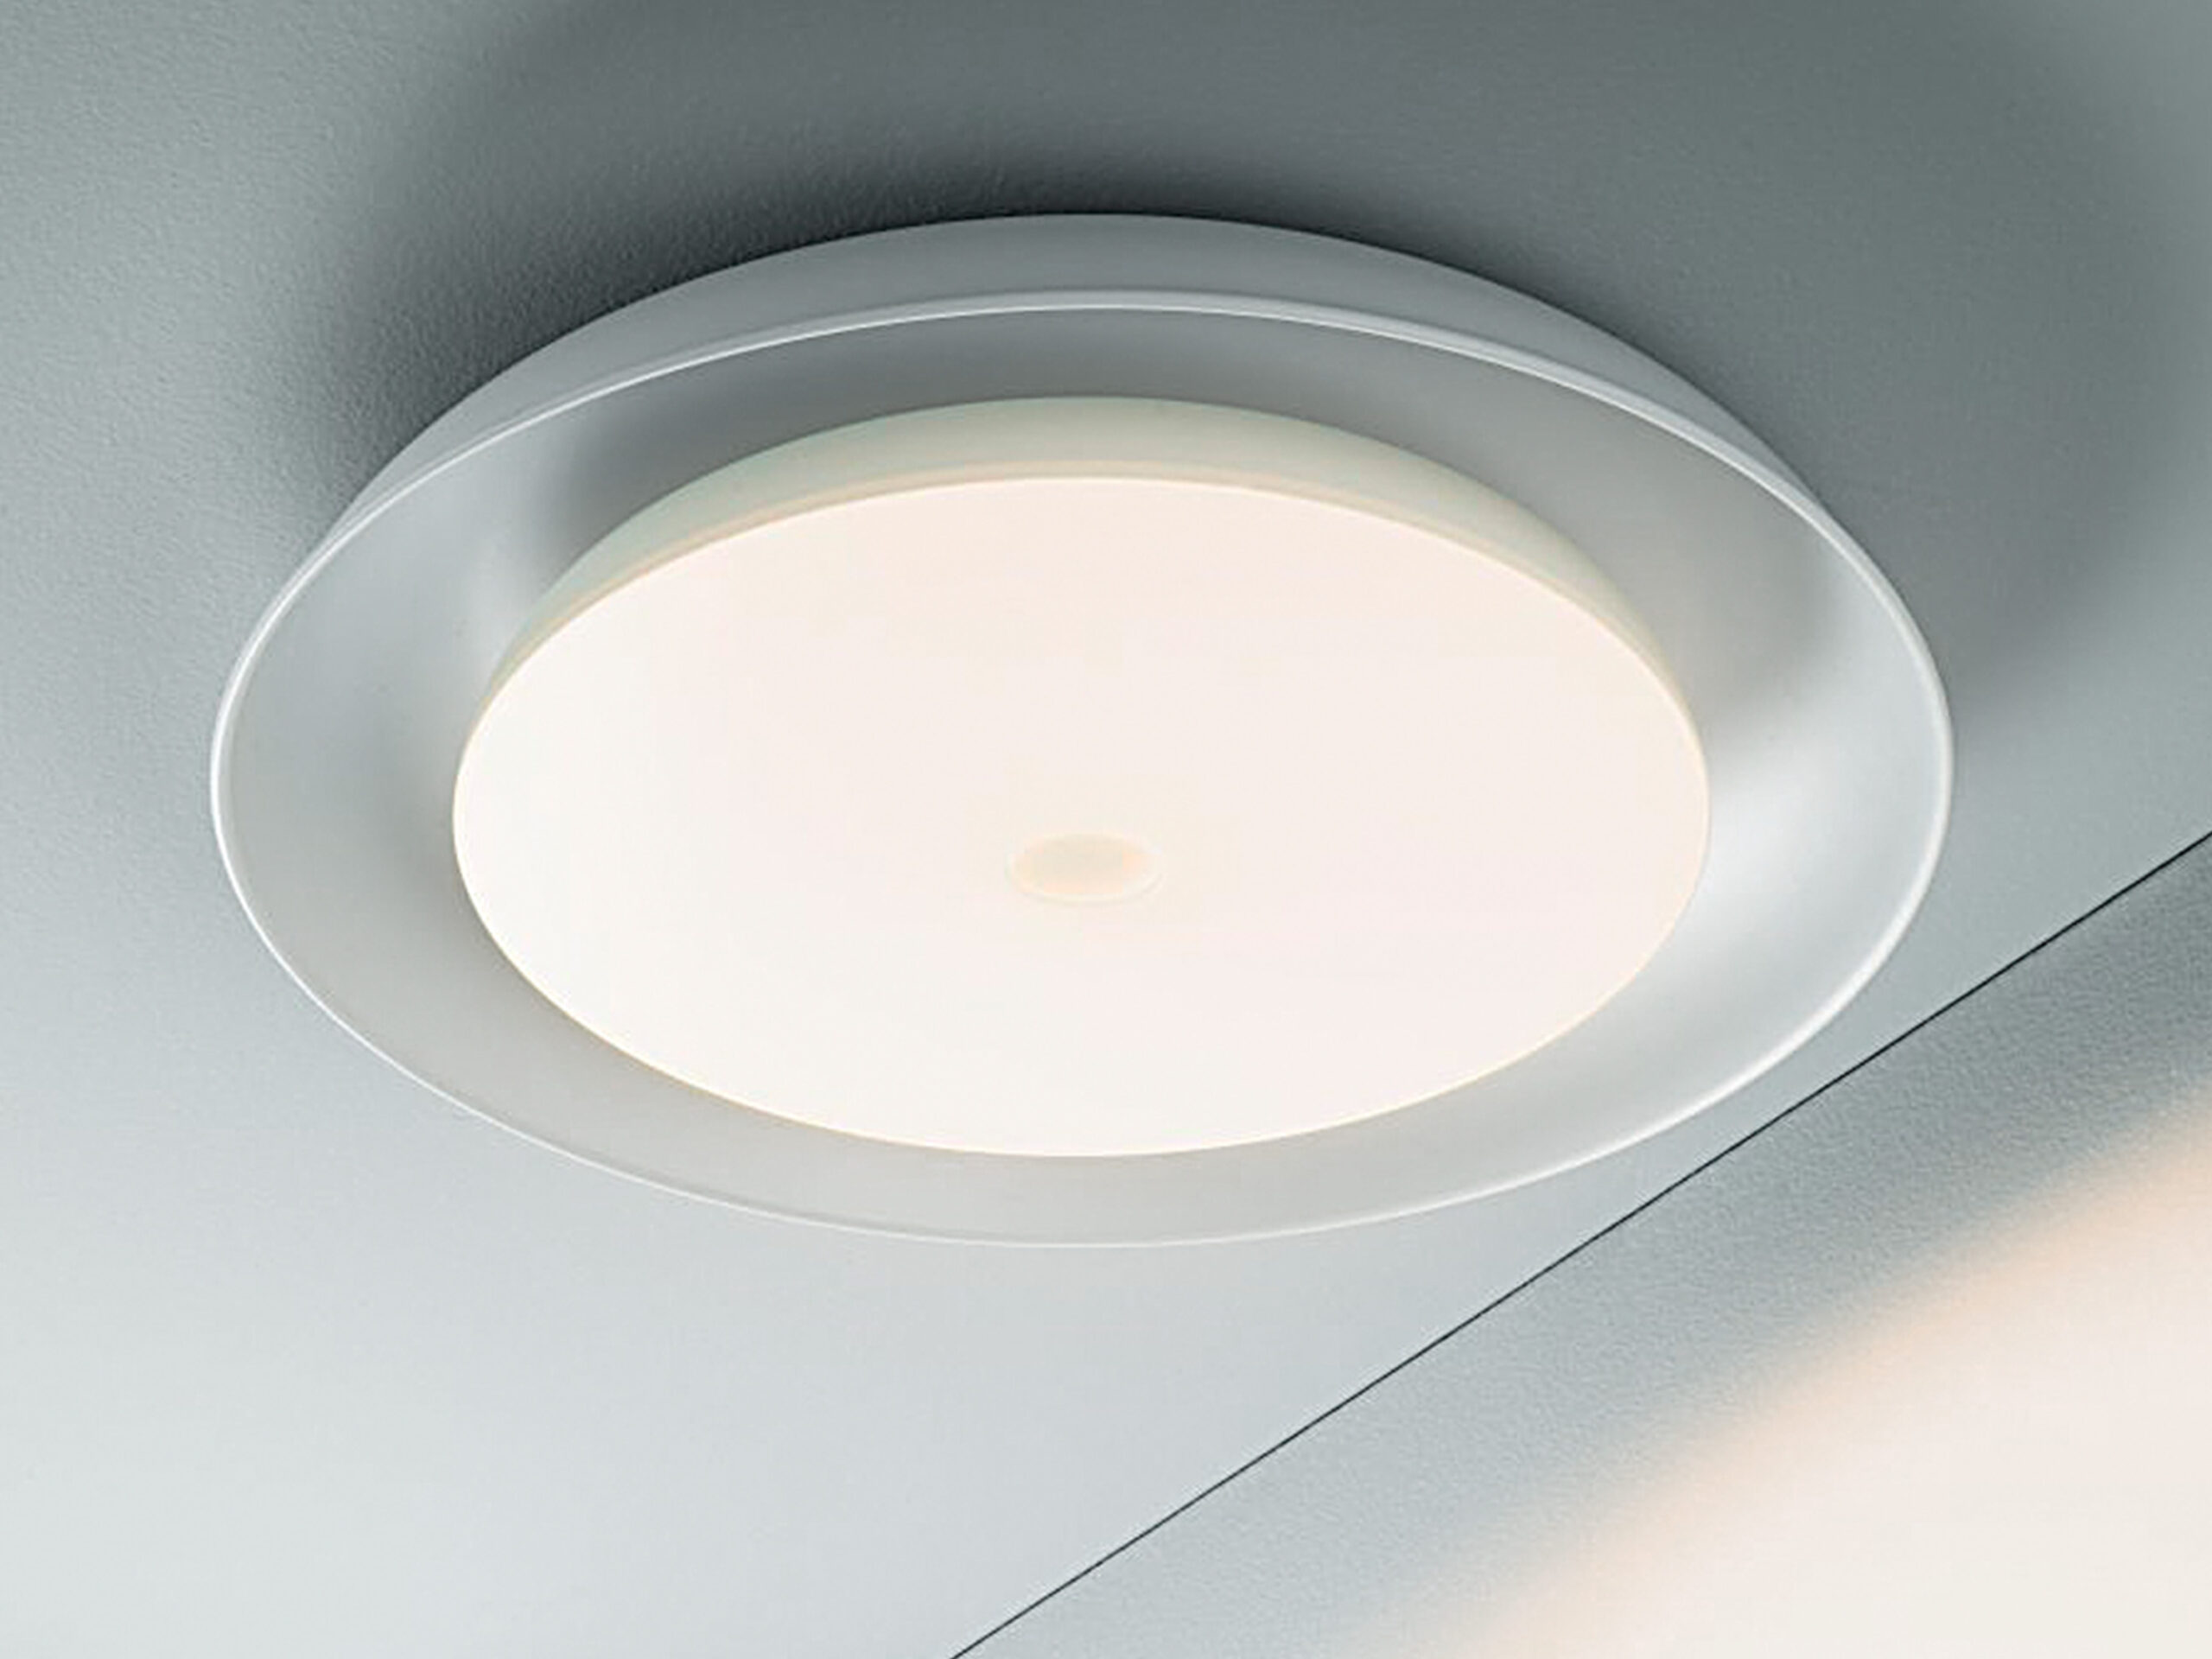 Full Size of Deckenleuchte Led Bluetooth Leuchten Lampen Sofa Deckenleuchten Schlafzimmer Modern Spiegel Bad Leder Braun Beleuchtung Wohnzimmer Küche Kunstleder Weiß Wohnzimmer Deckenleuchte Led